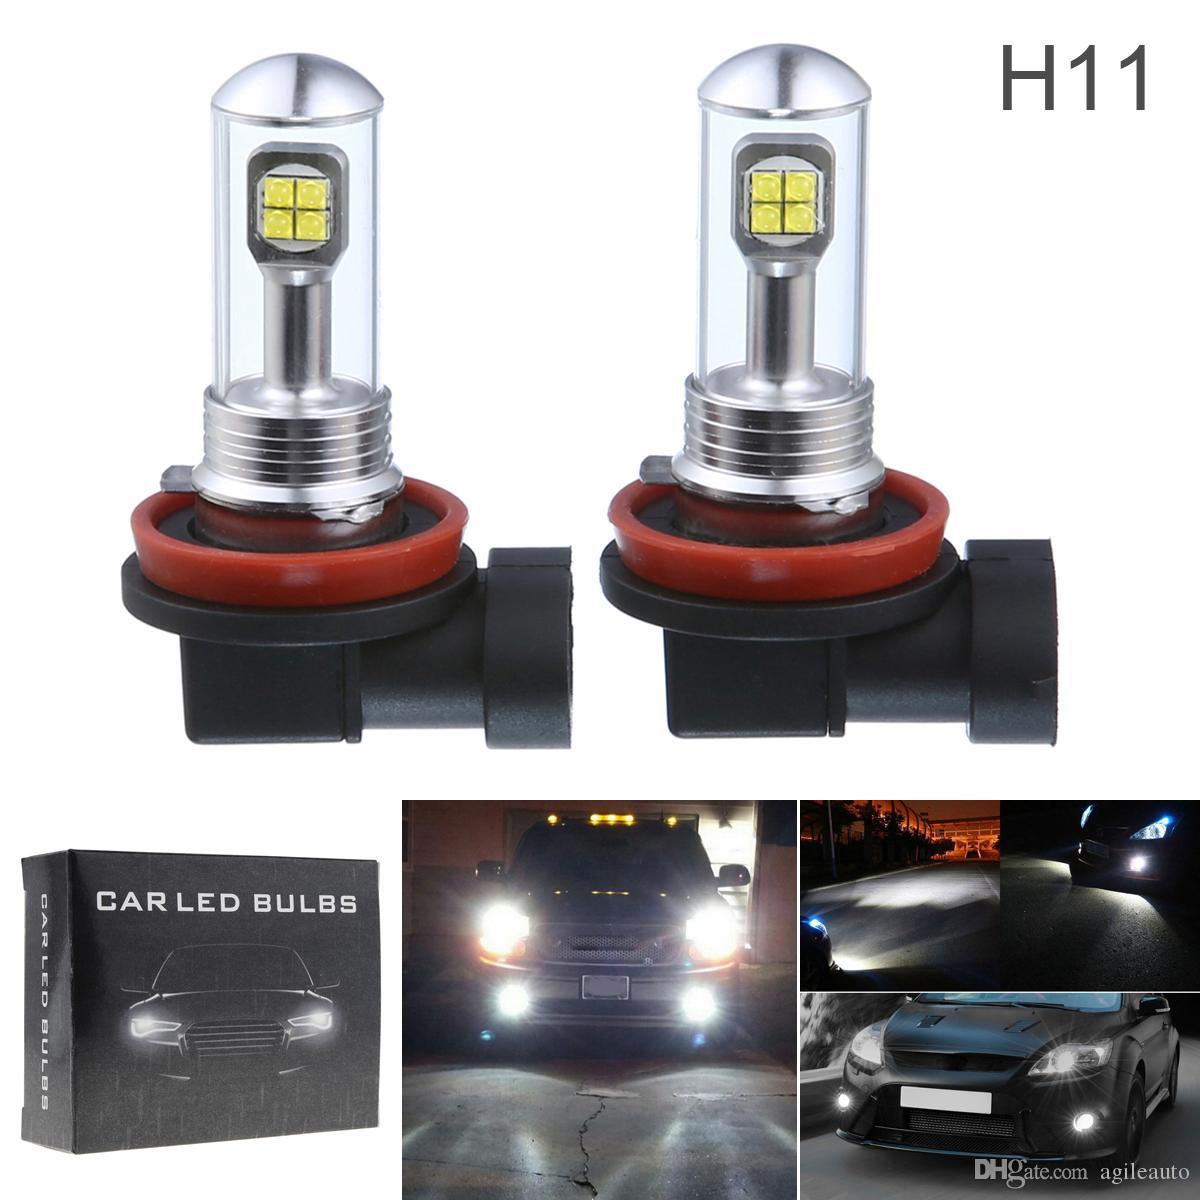 2 unids H11 40W LED Bombillas de luz antiniebla del coche Lámpara de conducción diurna DRL 6000K 1500LM Led faros de coche CLT_10C